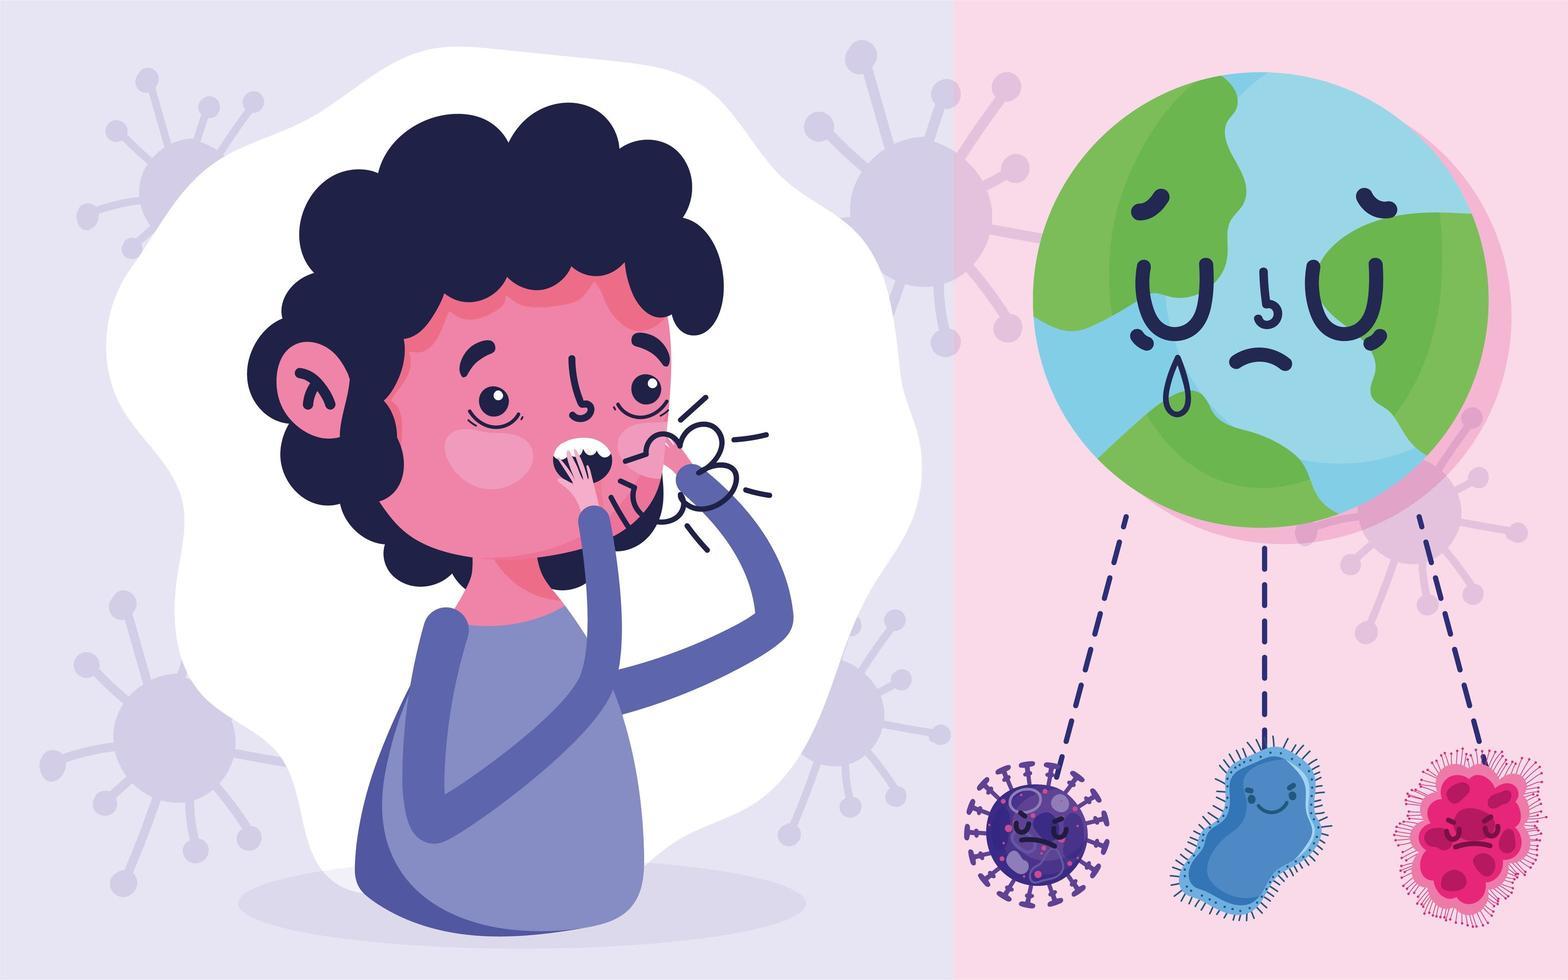 design pandêmico 19 coberto com menino tossindo com febre vetor